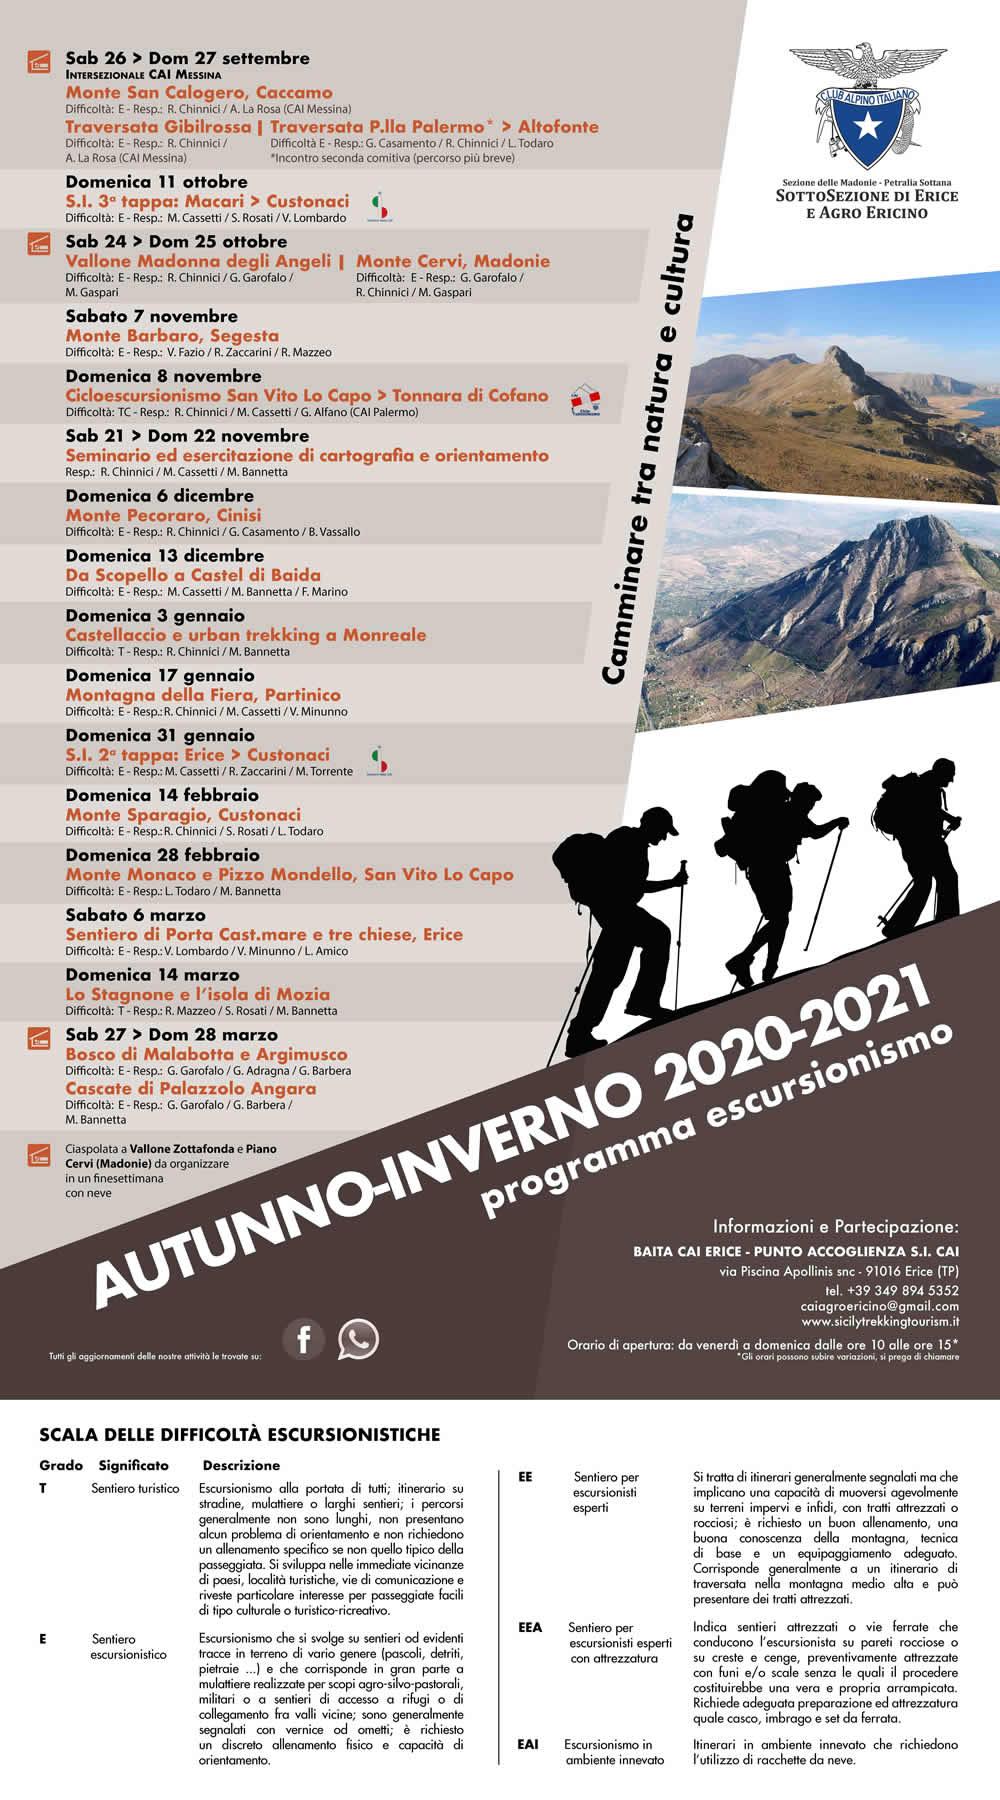 programma-autunno-inverno-2020-2021